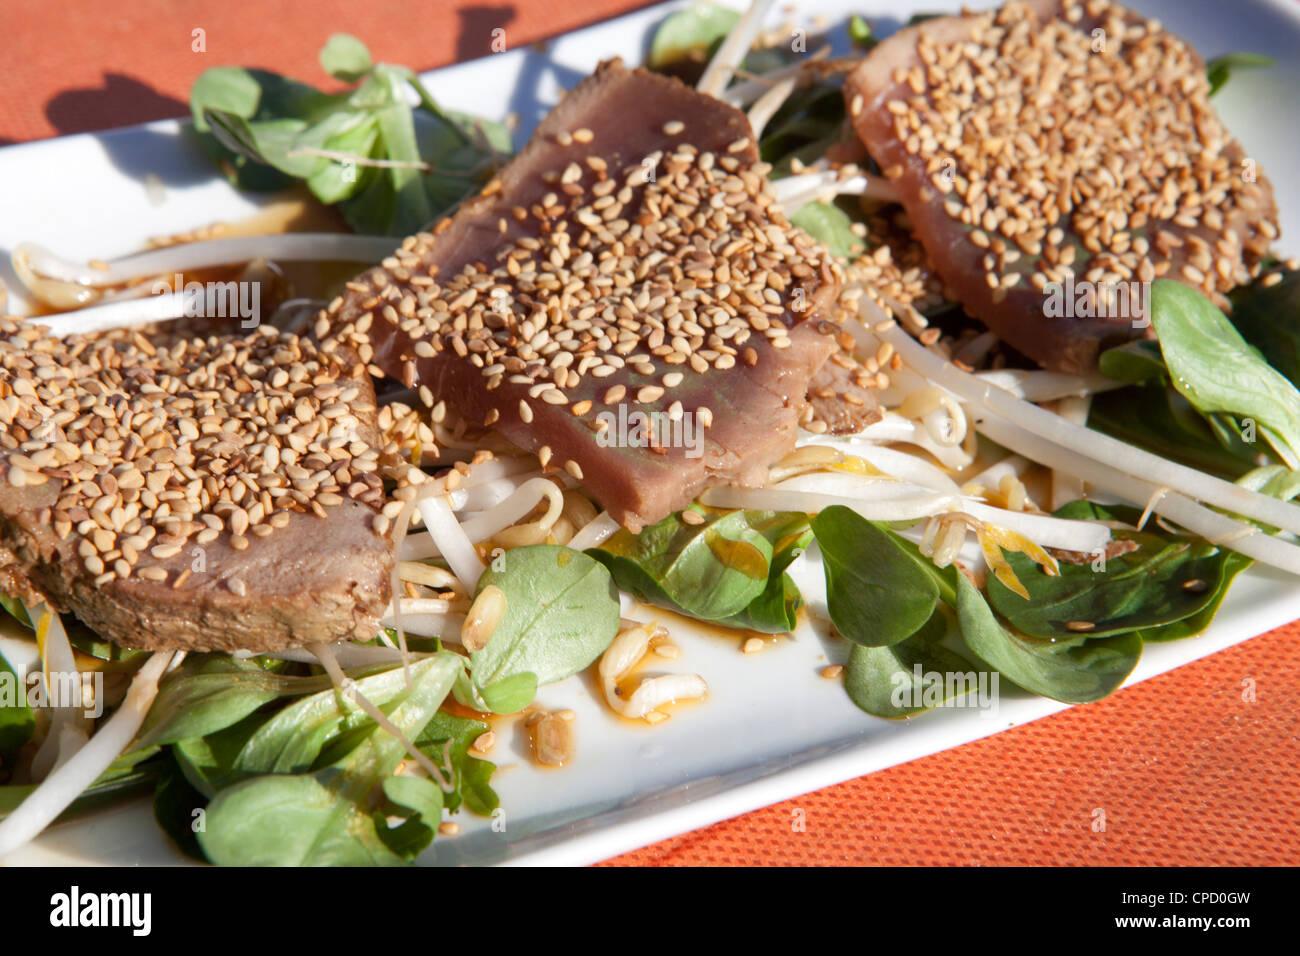 Thon nourriture gastronomie plat legumes cool mediterraneam bonne sante Photo Stock